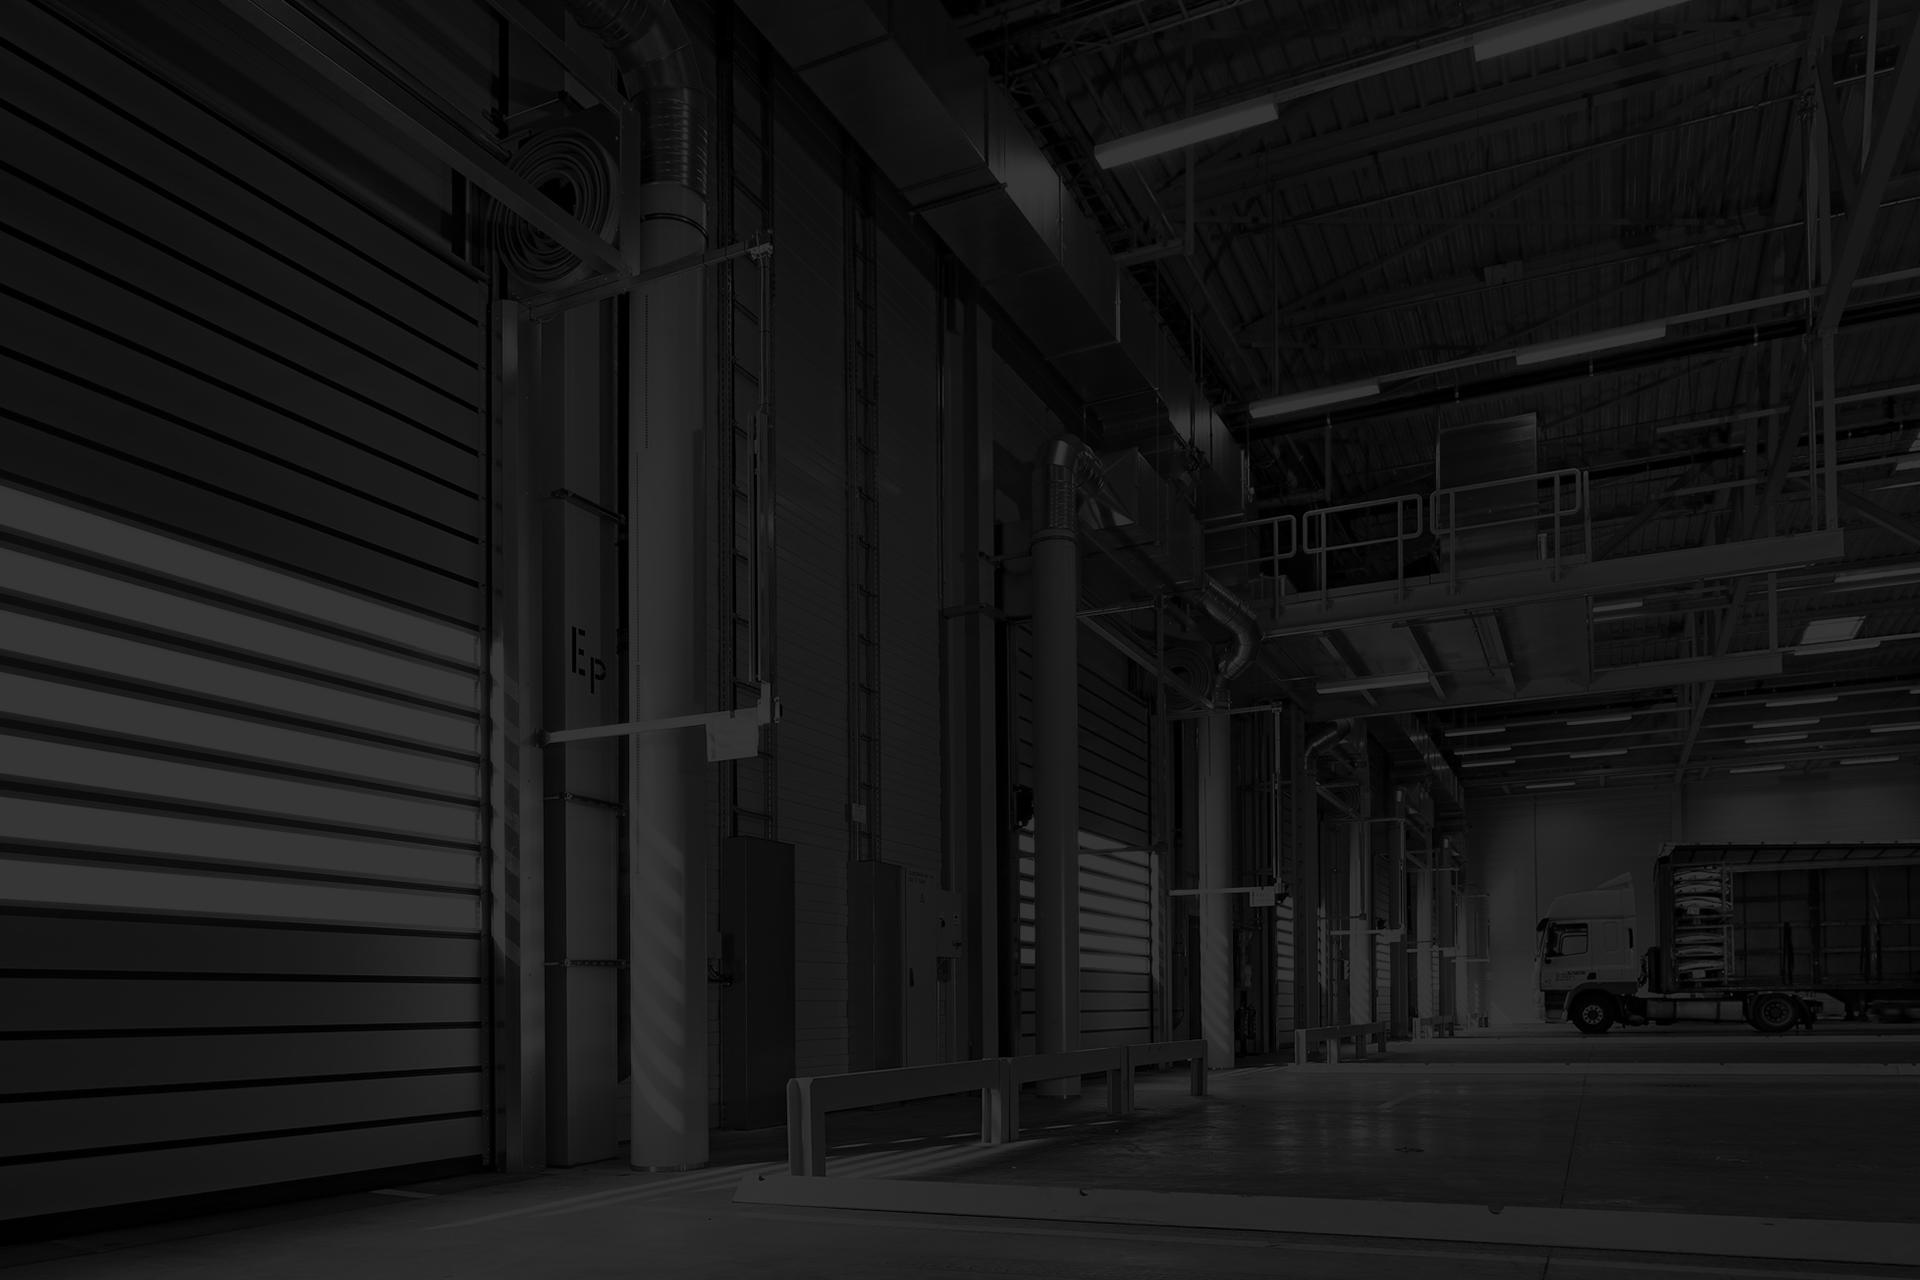 Sermak Metal | Çelikhane Ekipmanları Elektrikli Ark Ocağı Üretimi